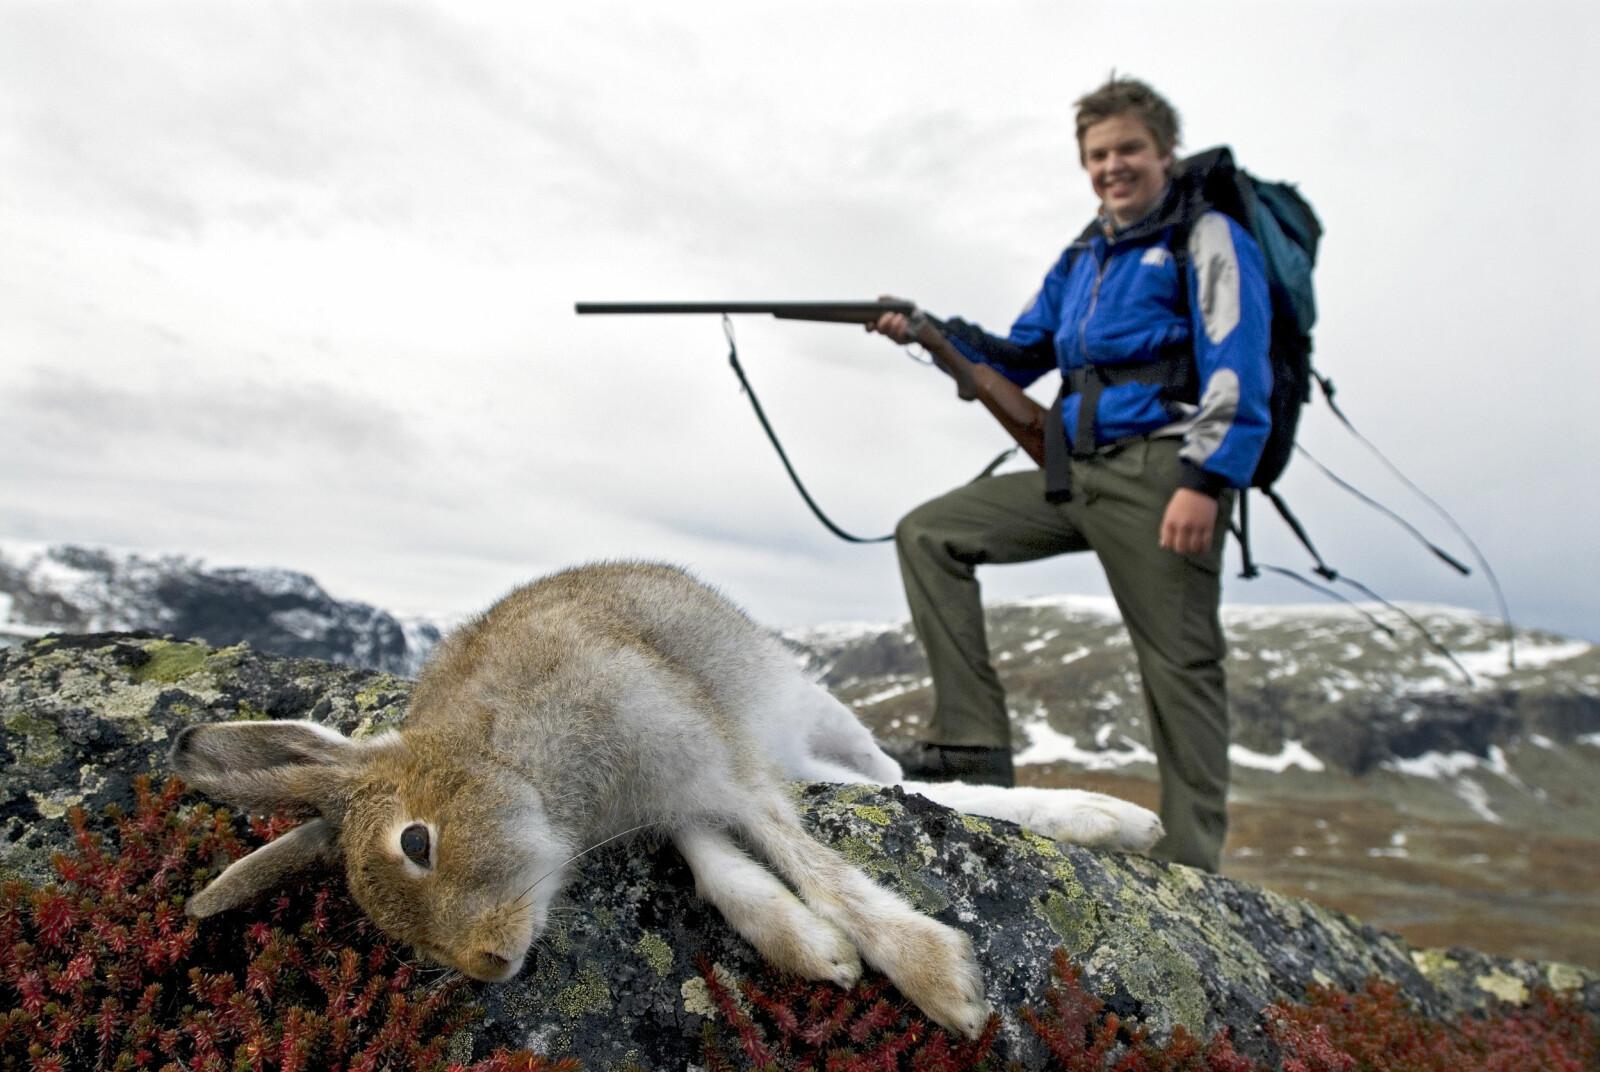 <b>AKTSOMHET:</b> Støkkjakt er den jaktformen som setter størst krav til aktsomhet hos jegerne. (Foto: Tom Furuseth)